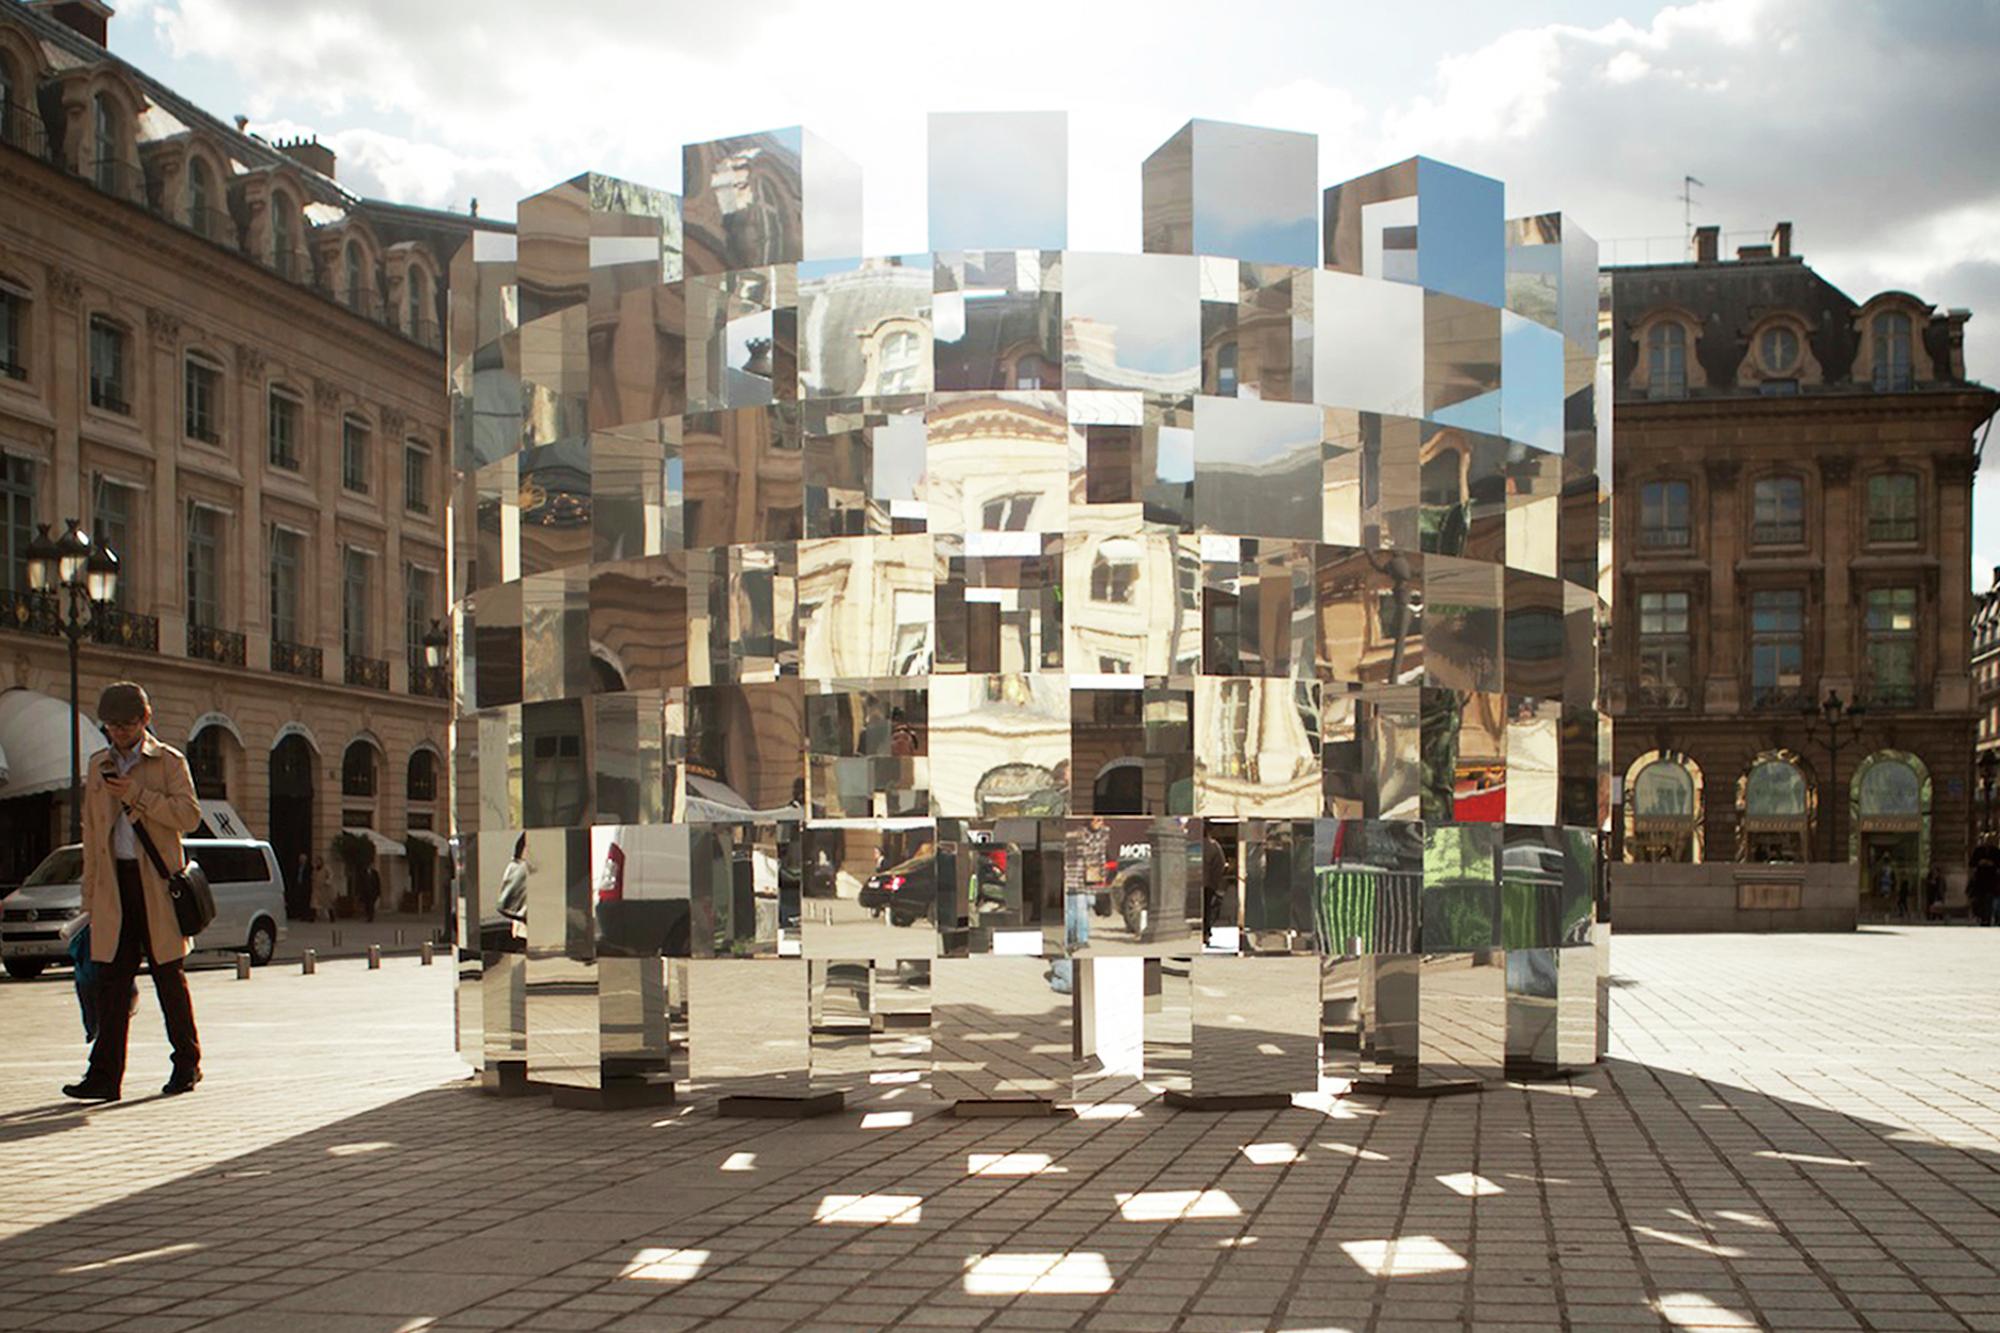 ring-installation_vendôme_paris_arnaud-lapierre15-jpg